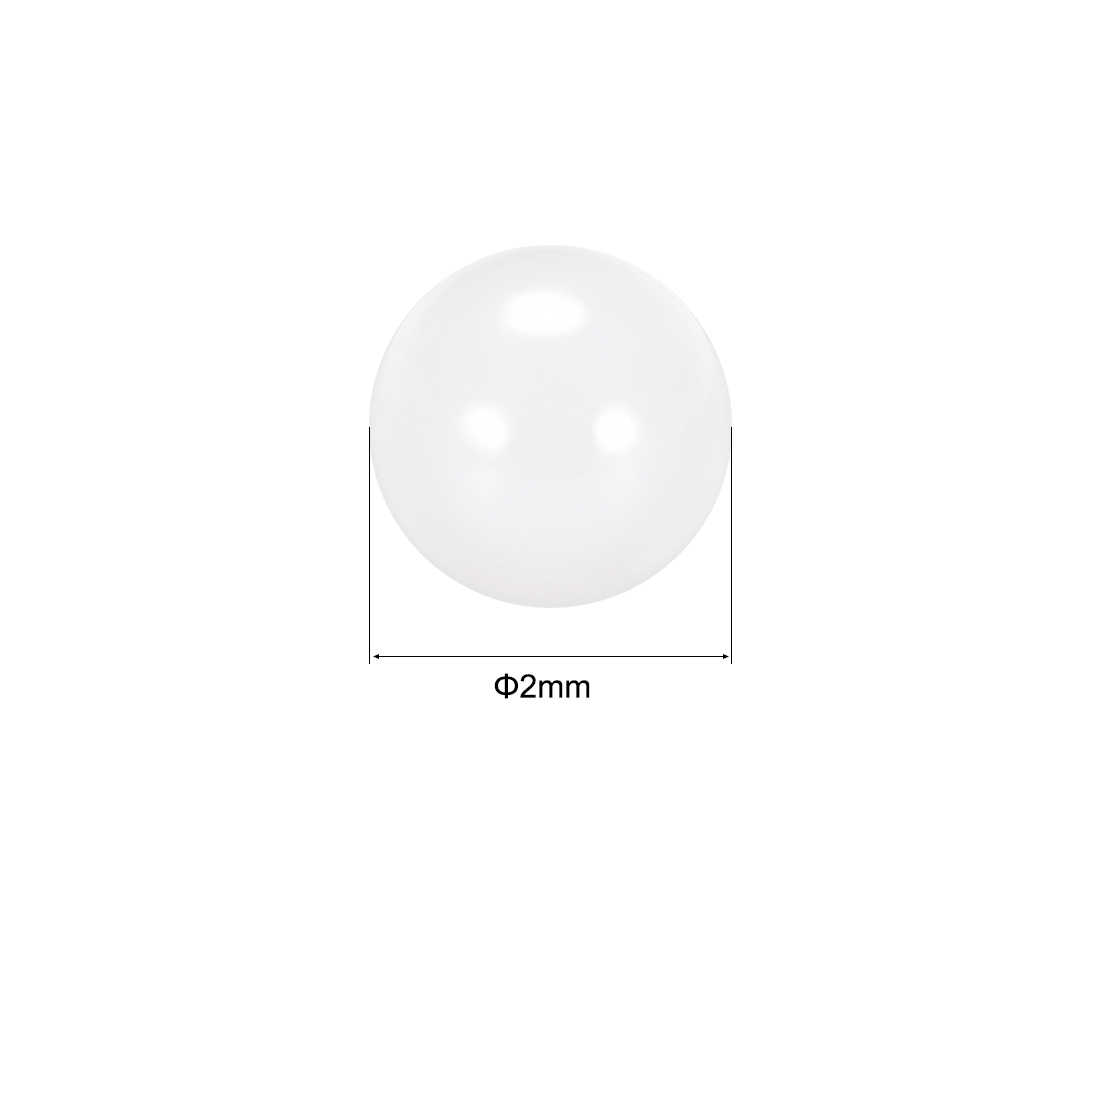 2mm Cerámica Rodamiento Bolas ZrO2 Óxido Circonio Bolas G5 Precisión 10pcs